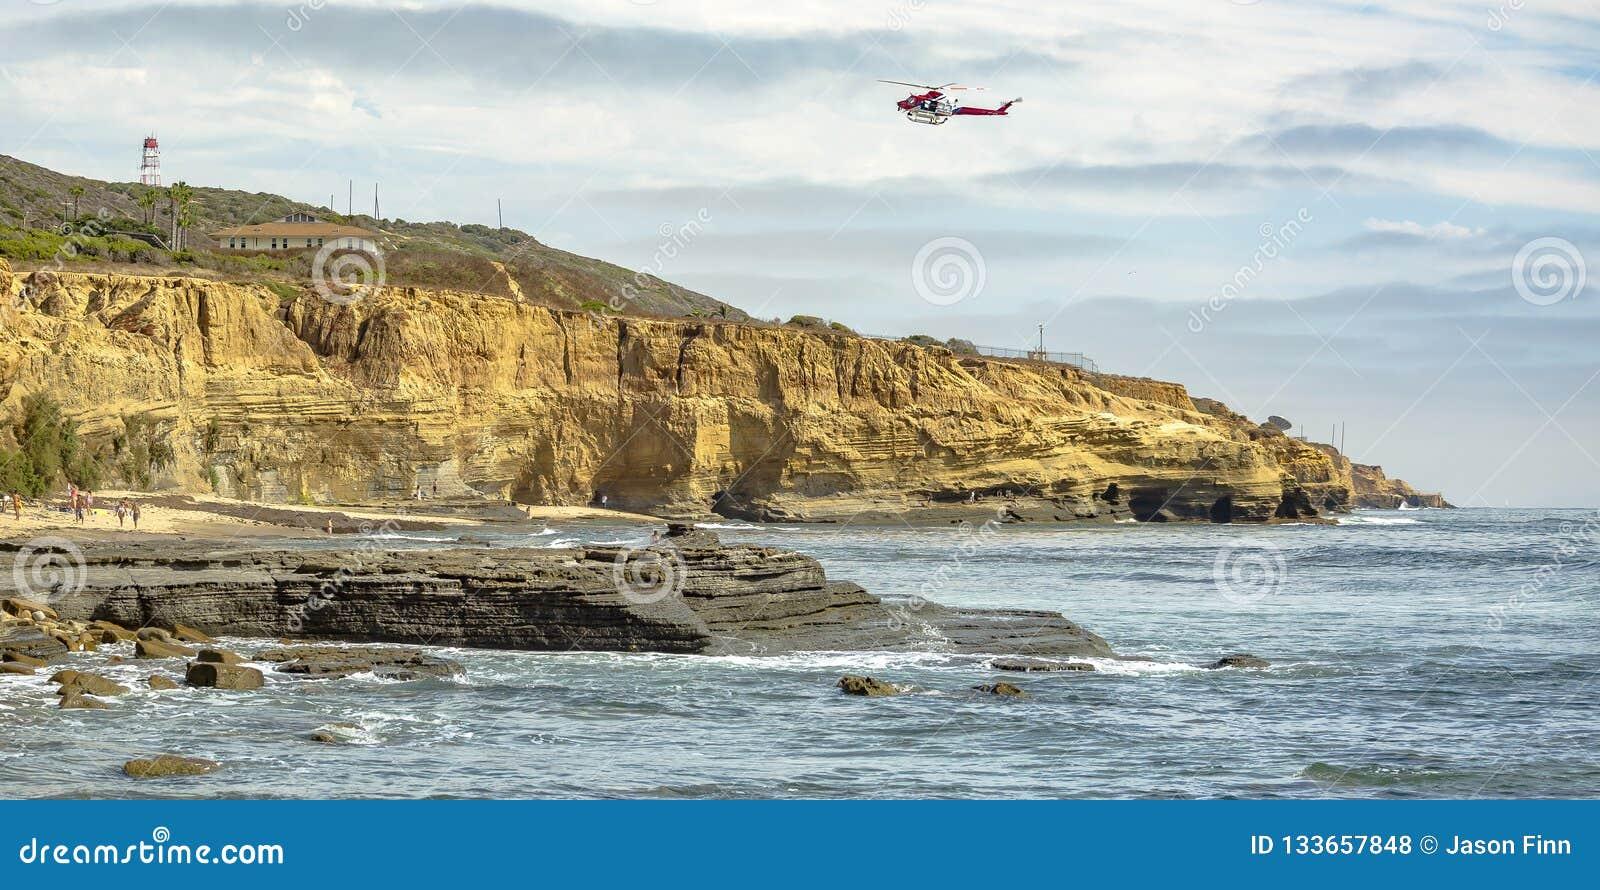 Hubschrauber über Klippe und Ozean in La Jolla CA